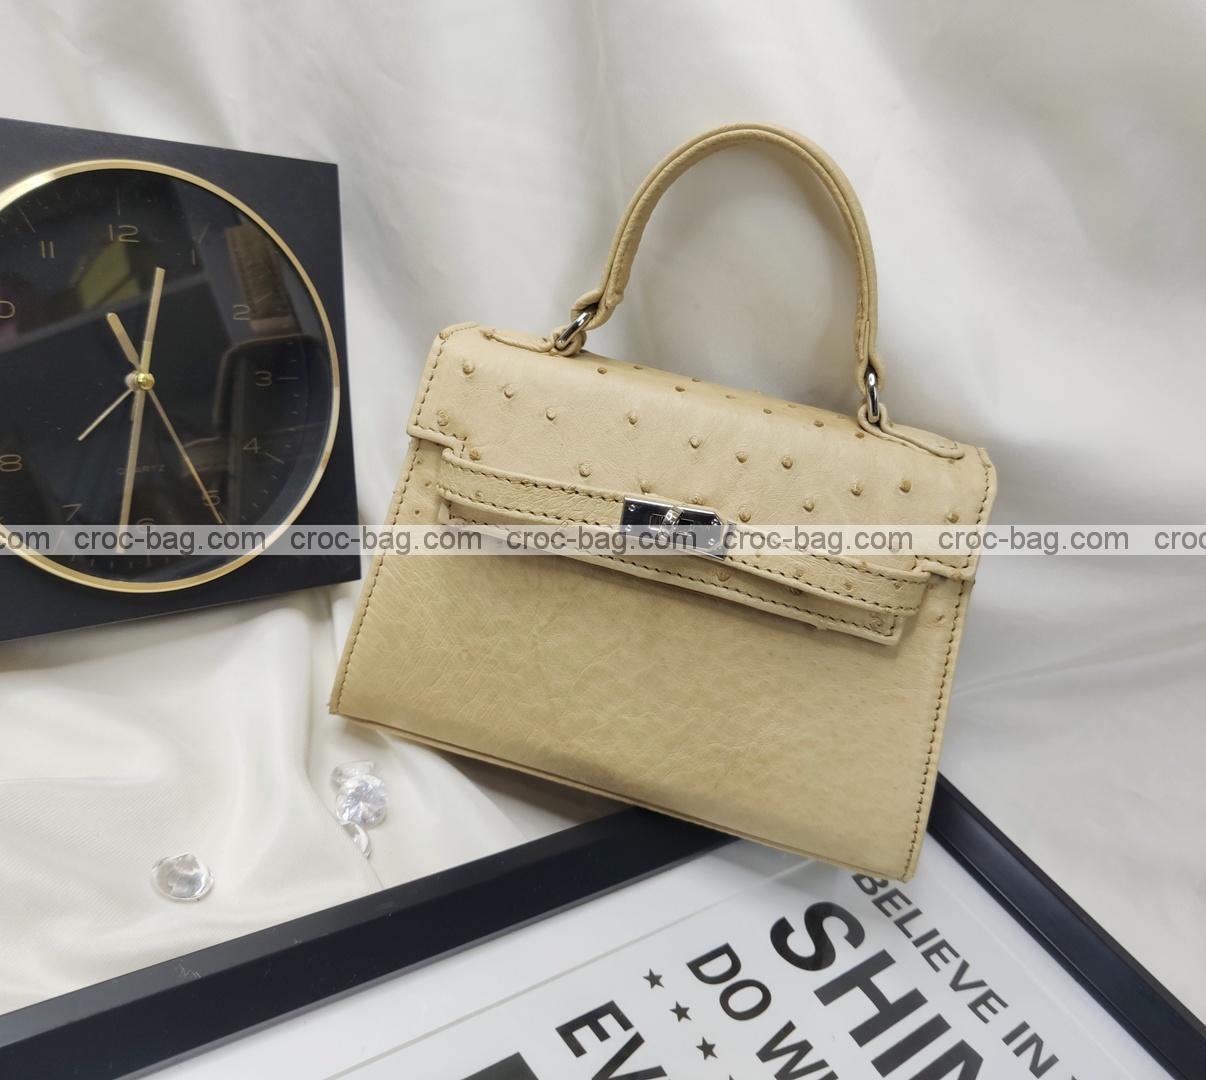 กระเป๋าหนังนกกระจอกเทศหรับผู้หญิง 5430